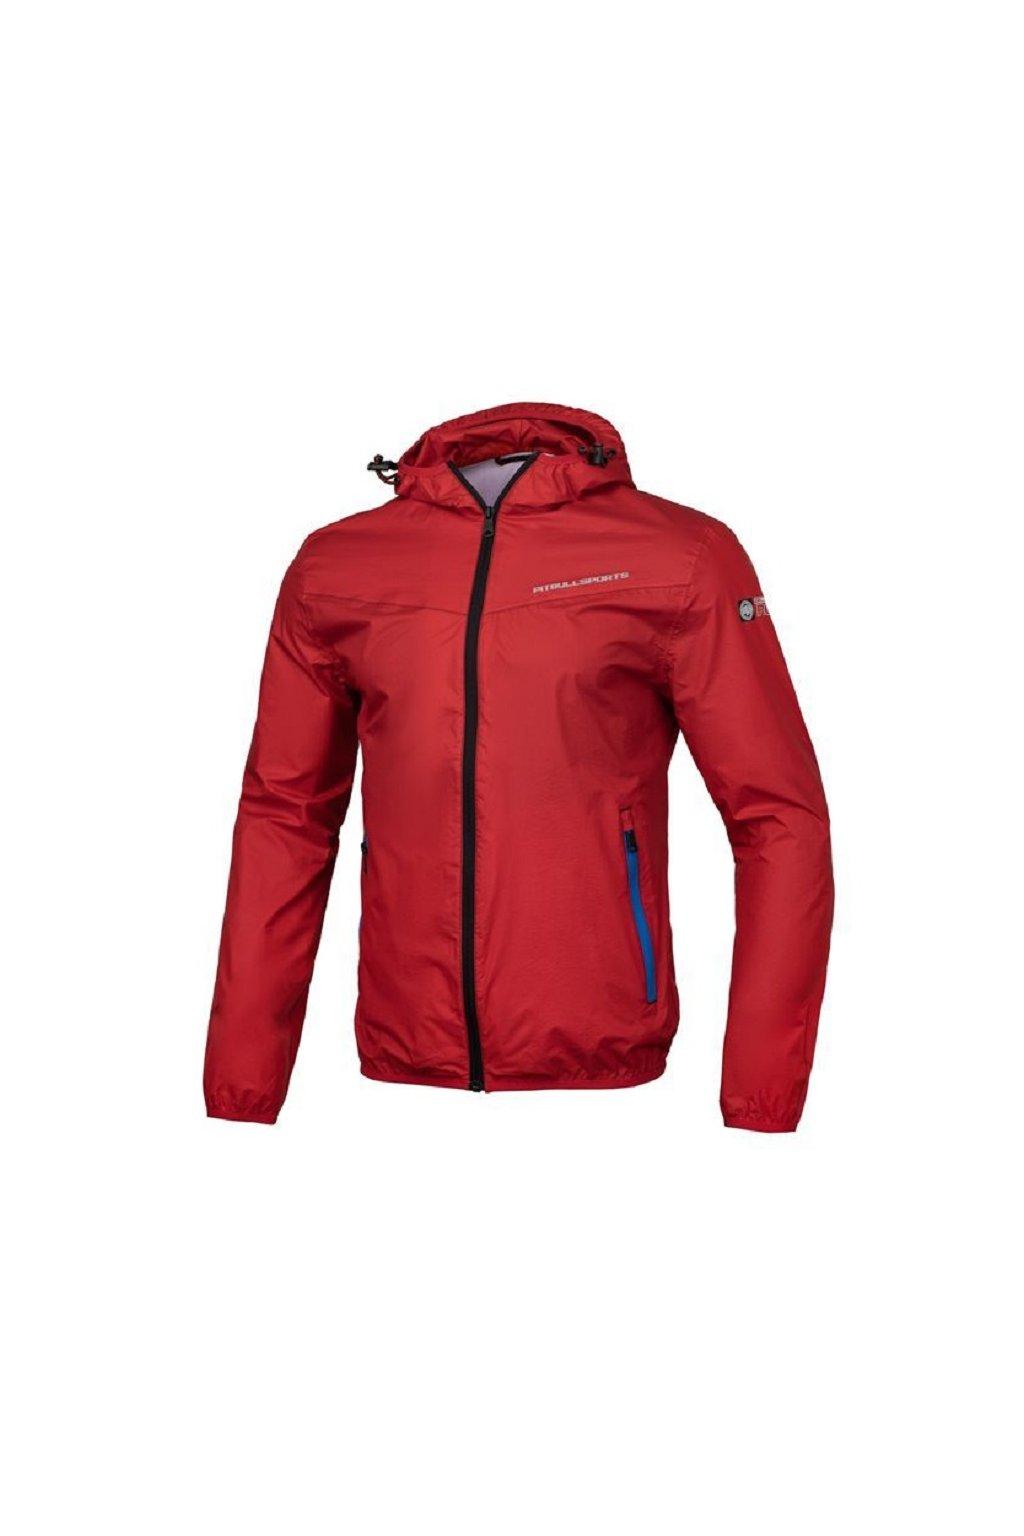 PitBull West Coast - letní bunda STEAMPLANT červená obr1